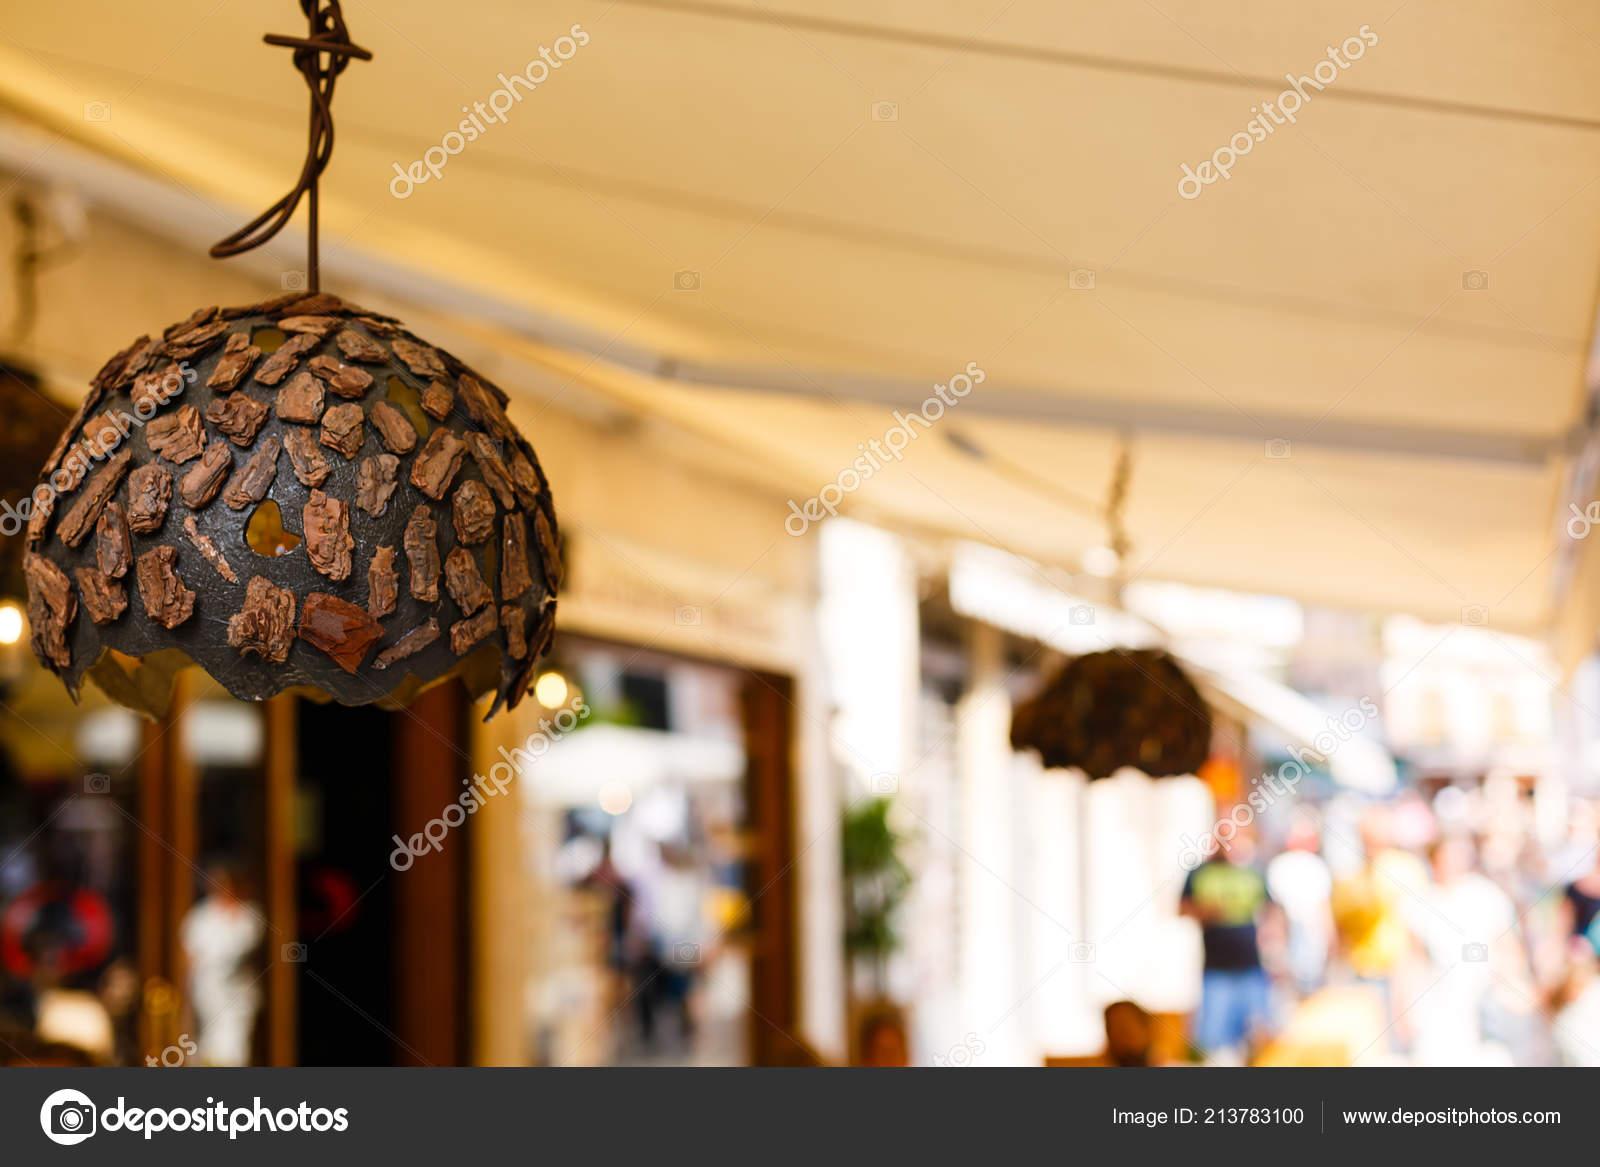 Kronleuchter Holz ~ Original holz kronleuchter verziert mit rinde einem restaurant